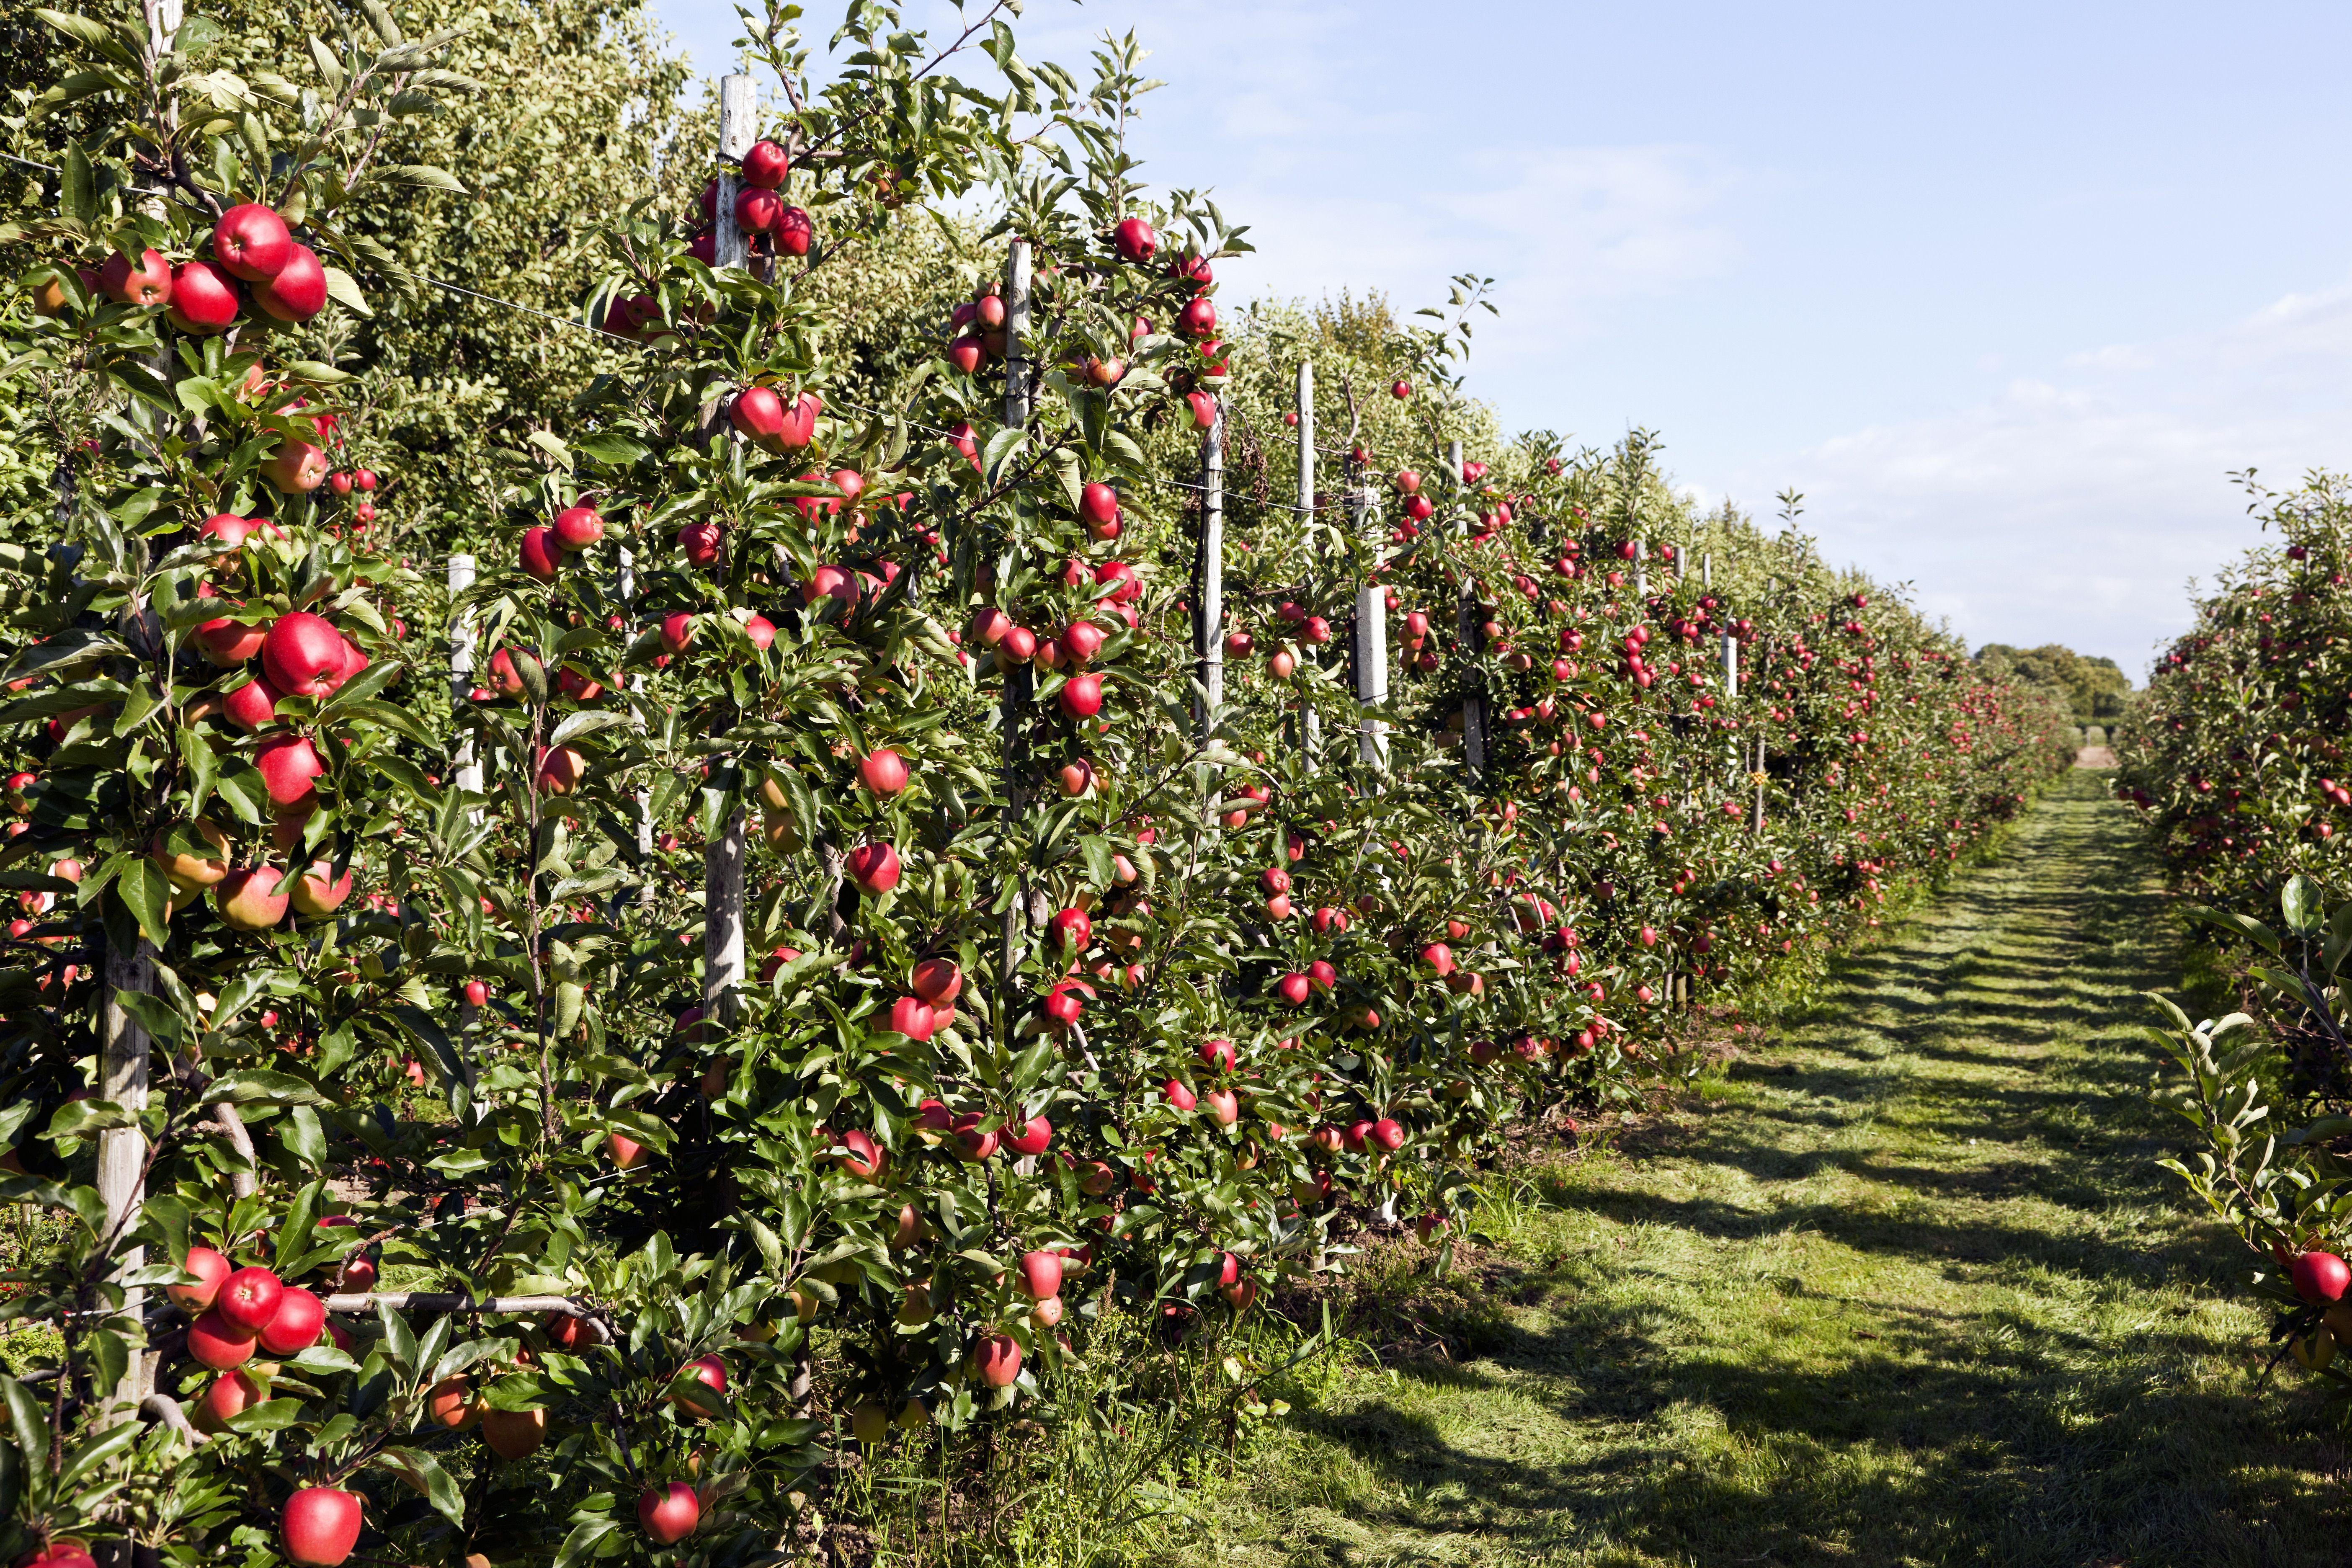 Comment Planter Un Arbre Fruitier conseils pour planter un arbre fruitier | planter des arbres